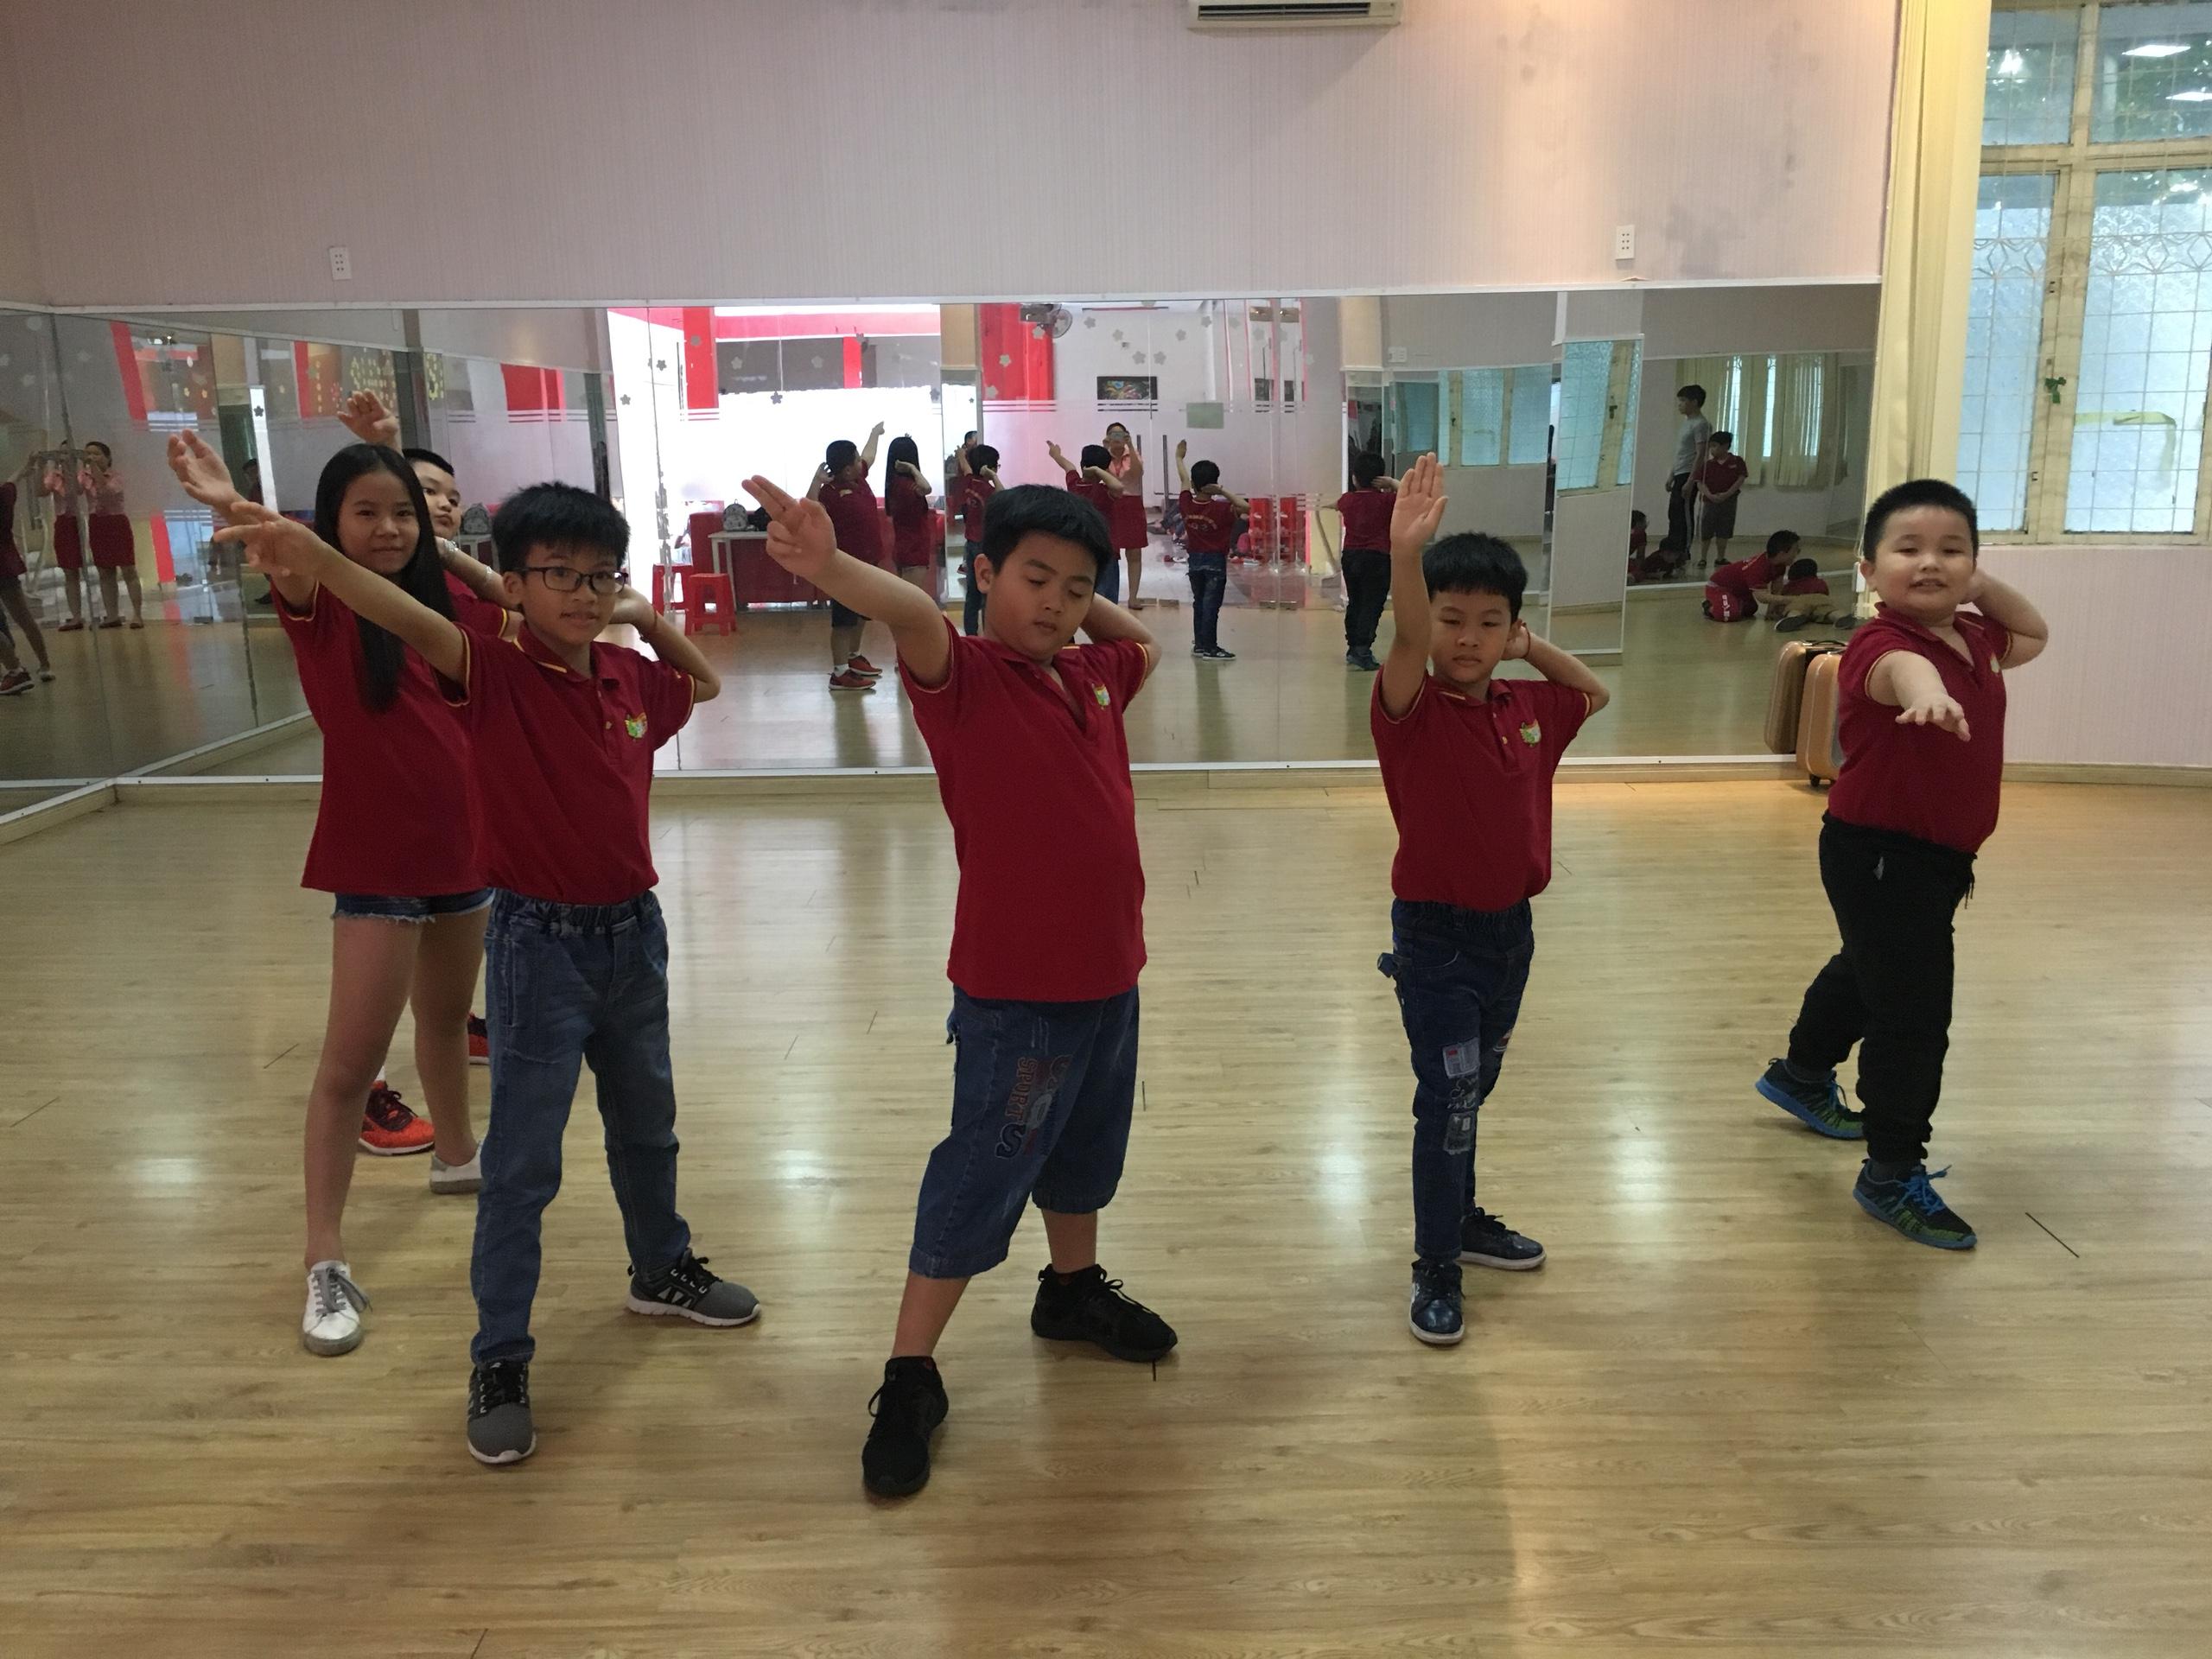 Đào tạo lớp nhảy hiện đại - Hiphop thiếu nhi